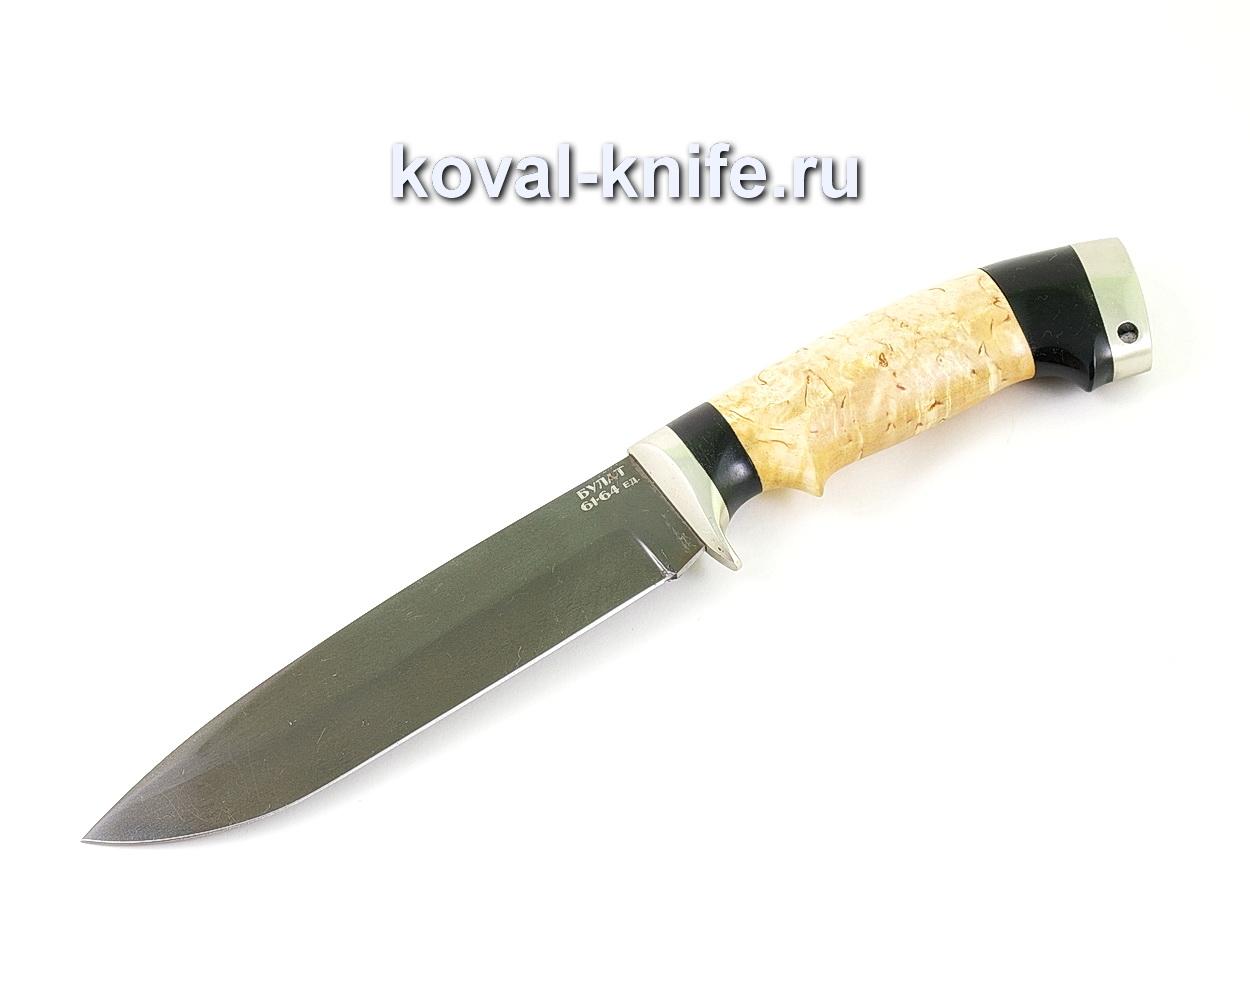 Нож из булатной стали Турист (Легированный булат, рукоять карельская береза, граб) A462